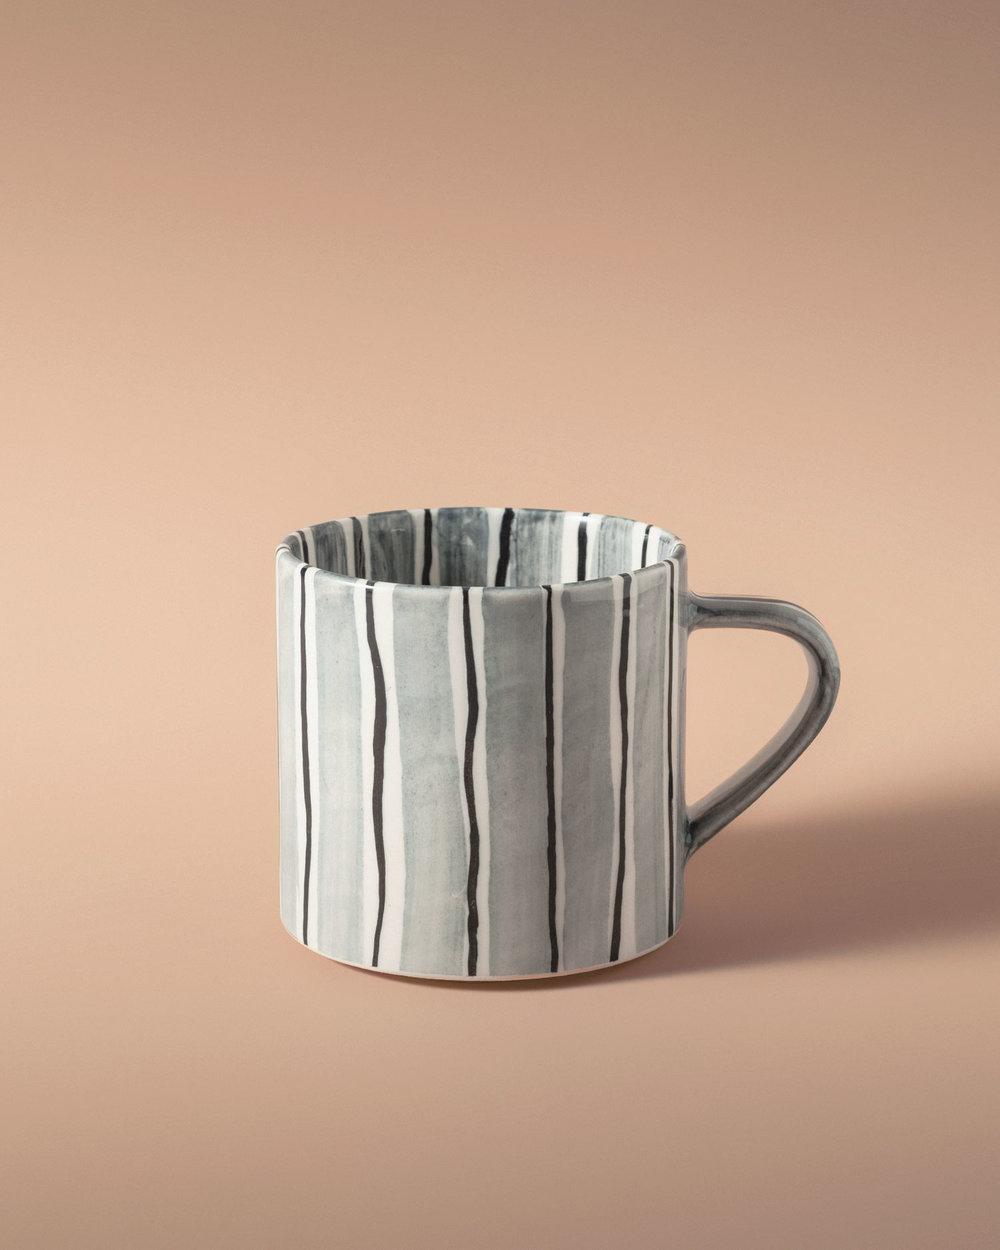 folkdrakter-coffee-cup-3.jpg